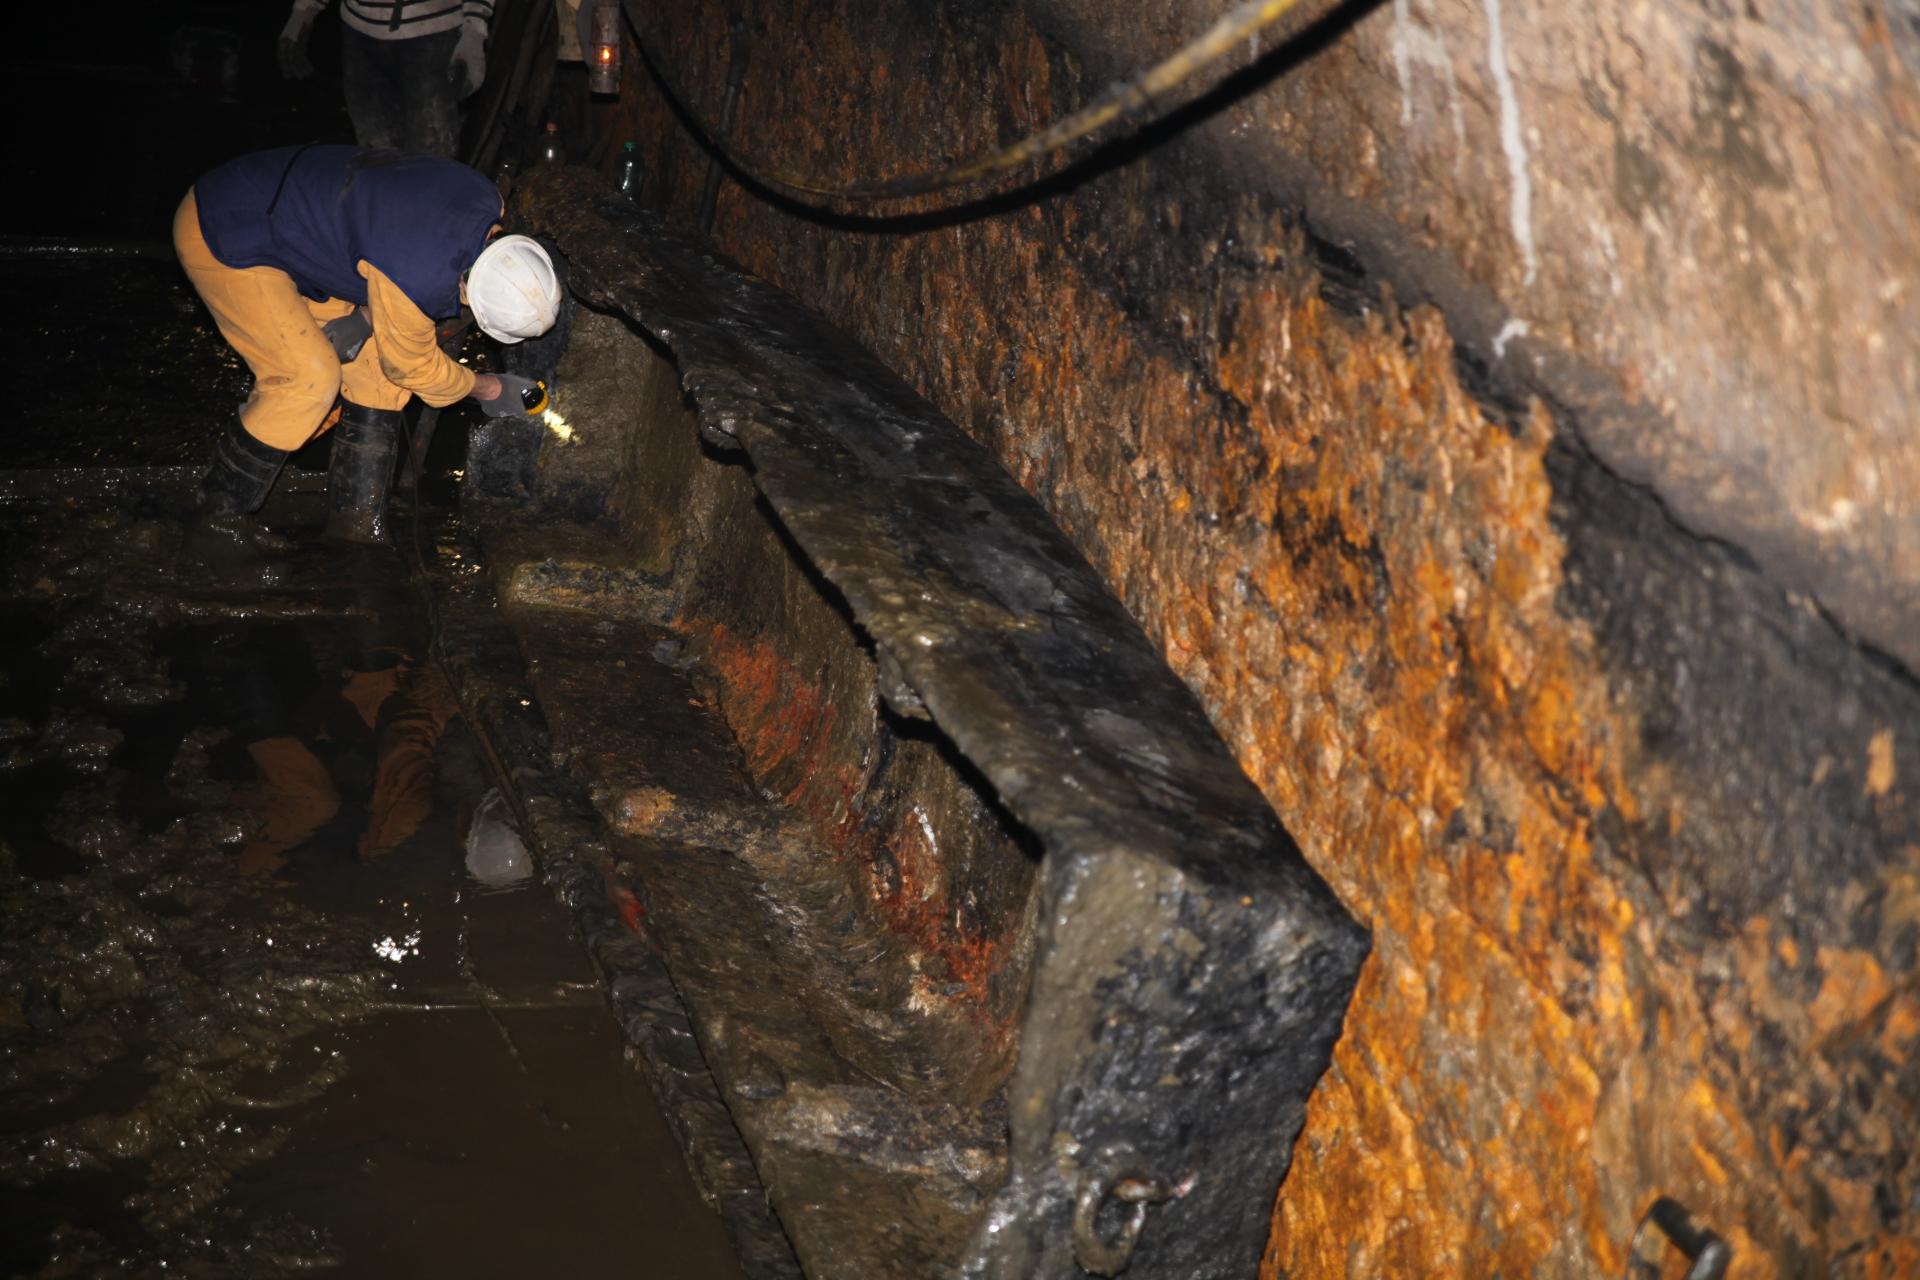 Stuletnia drewniana łódź znaleziona w 2012 roku podczas udrażniania<p alt=